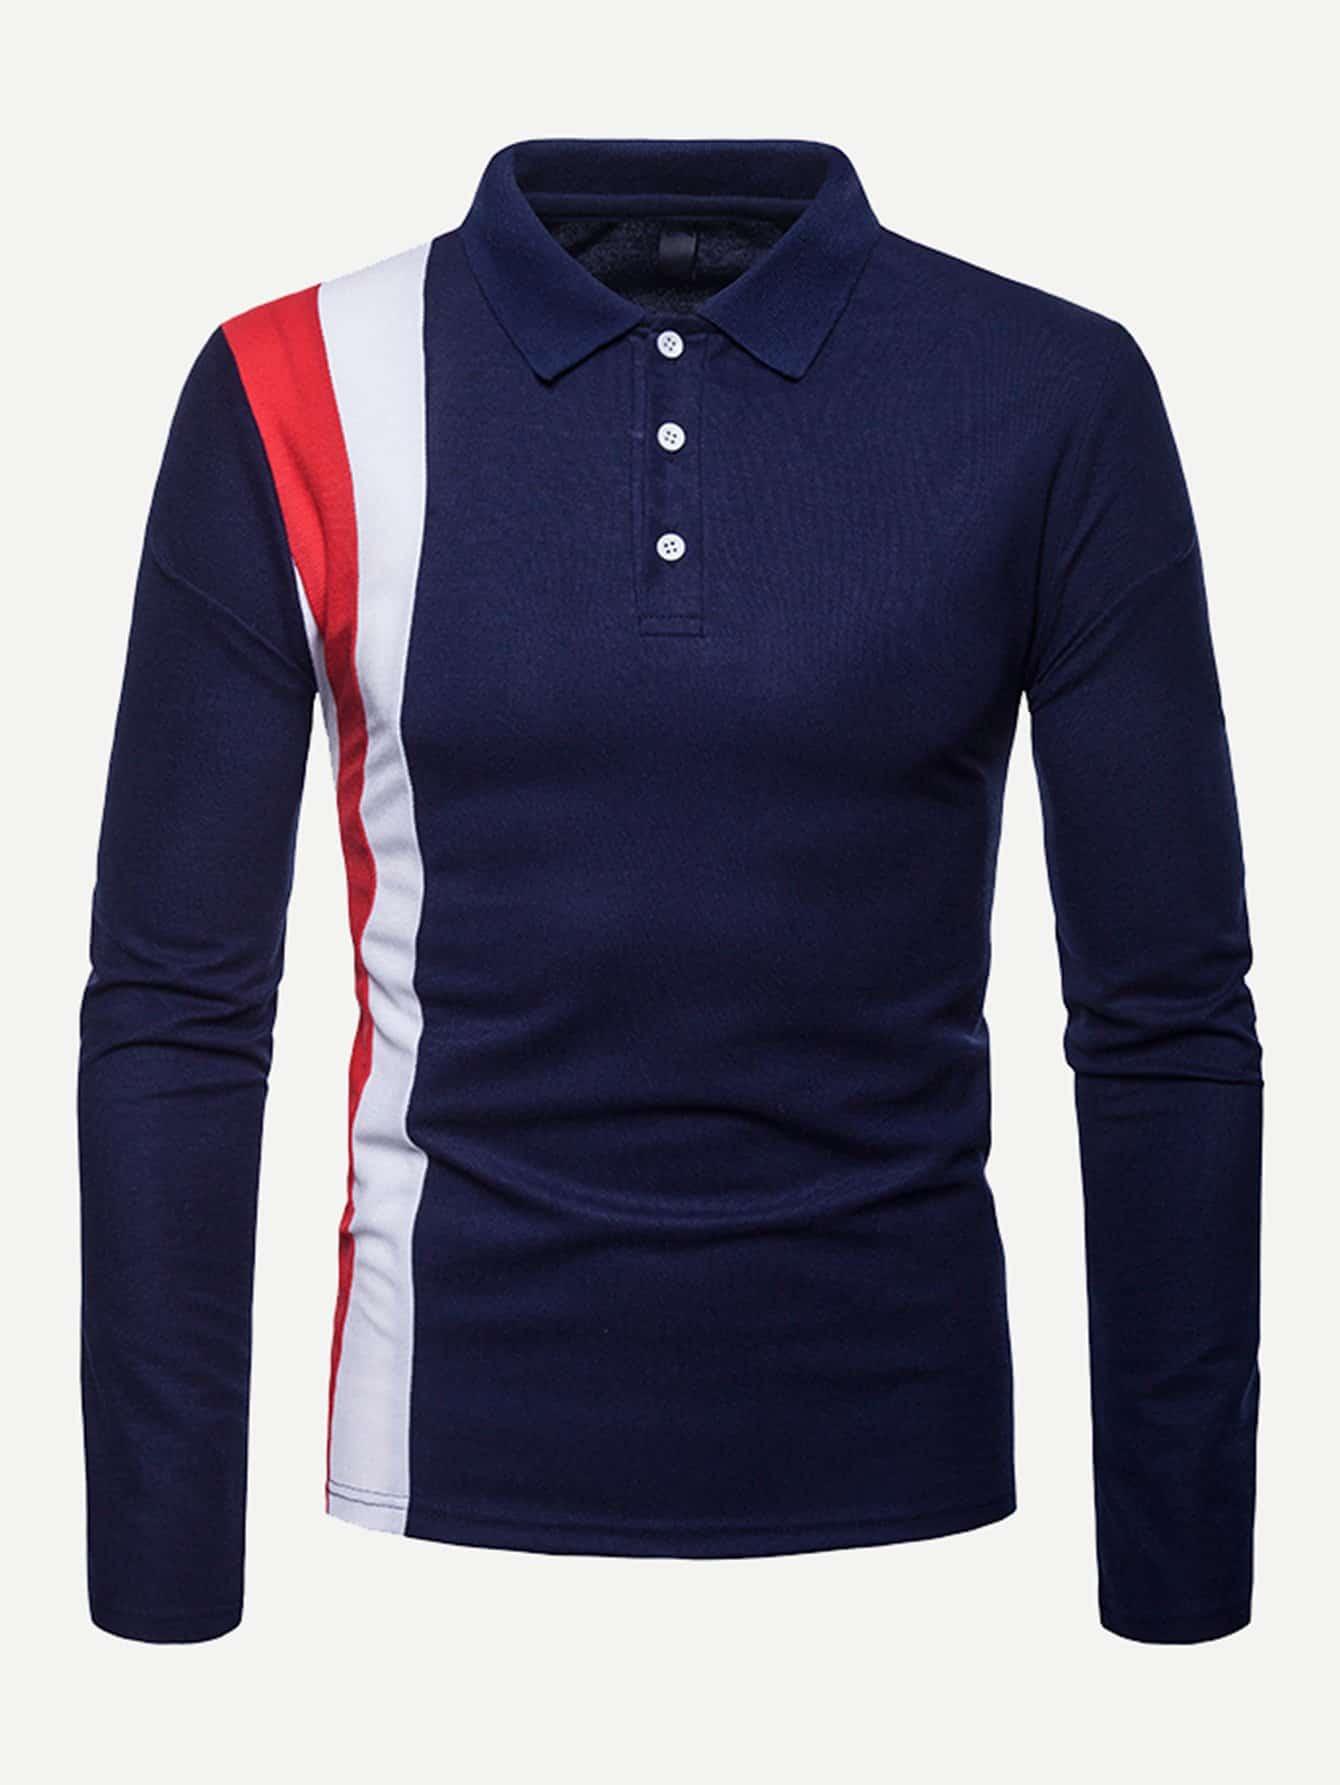 Купить Мужская контрастная поло футболка, null, SheIn